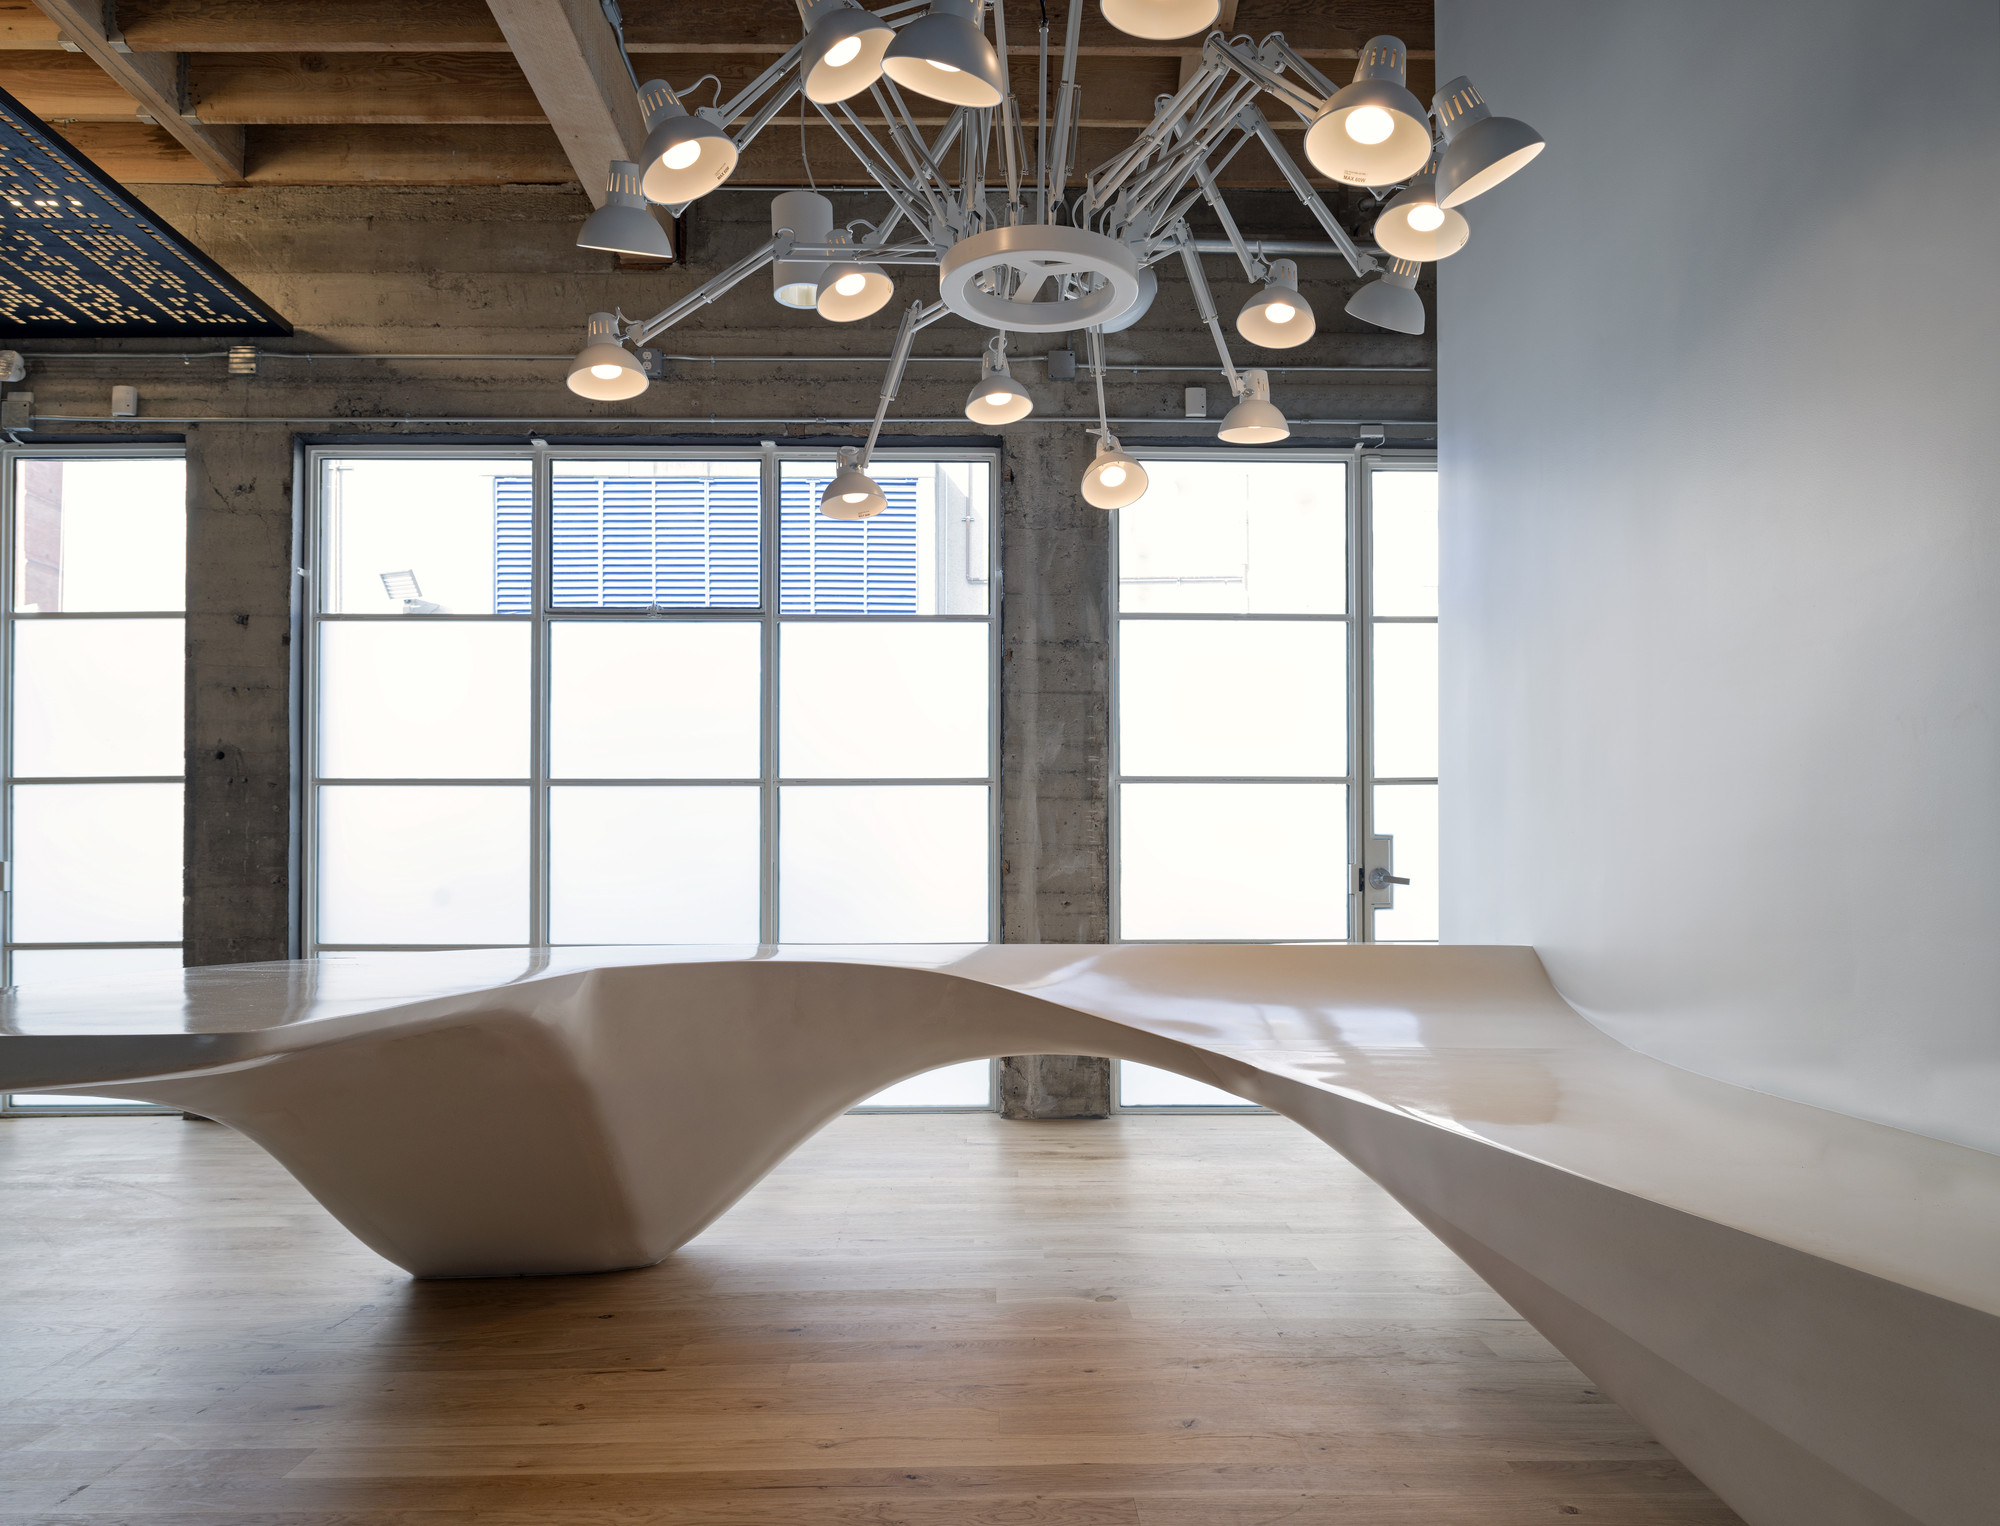 Необычный авторский ресепшн в офисе: вариант из скульптурного бетона. Фото 1